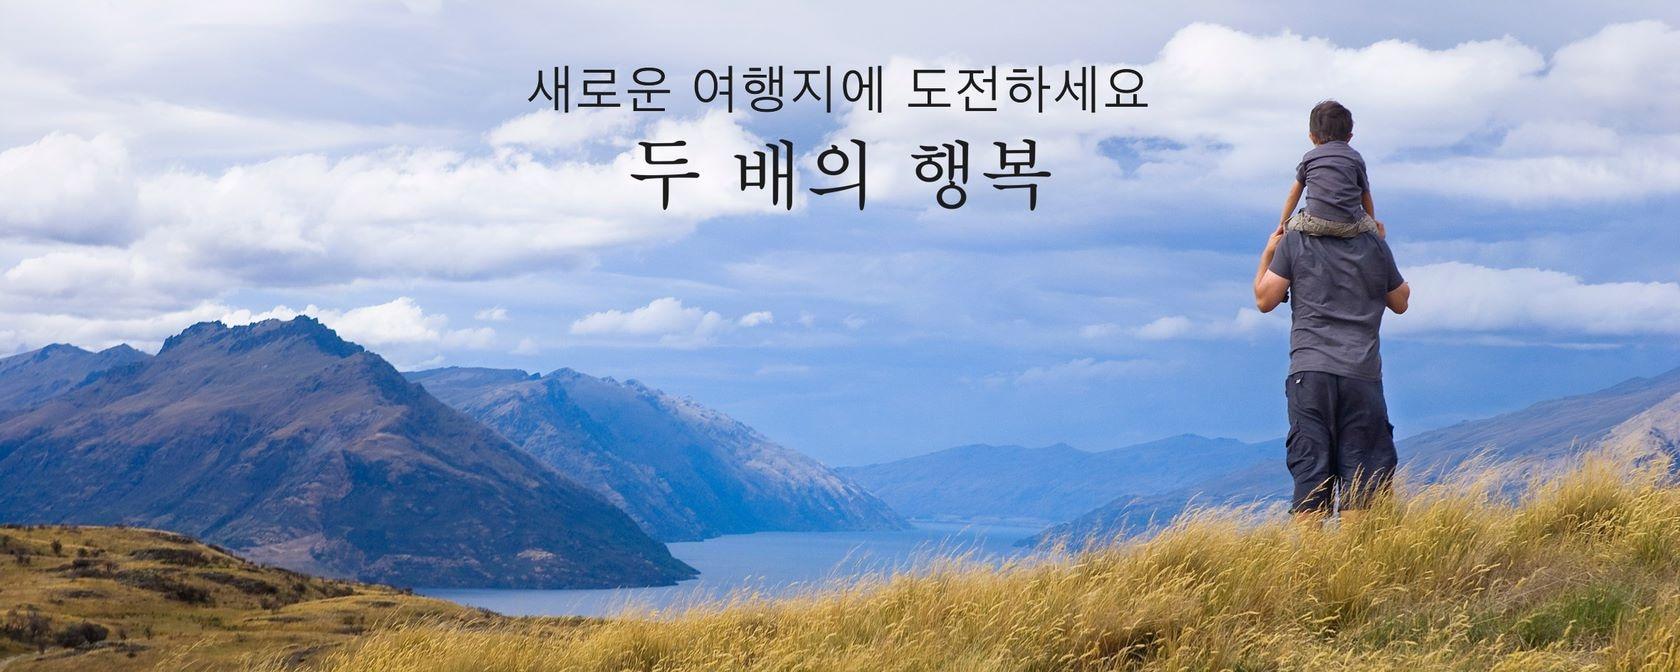 호수와 산이 내려다보이는 푸르른 산 정상에 서 있는 어른과 아이